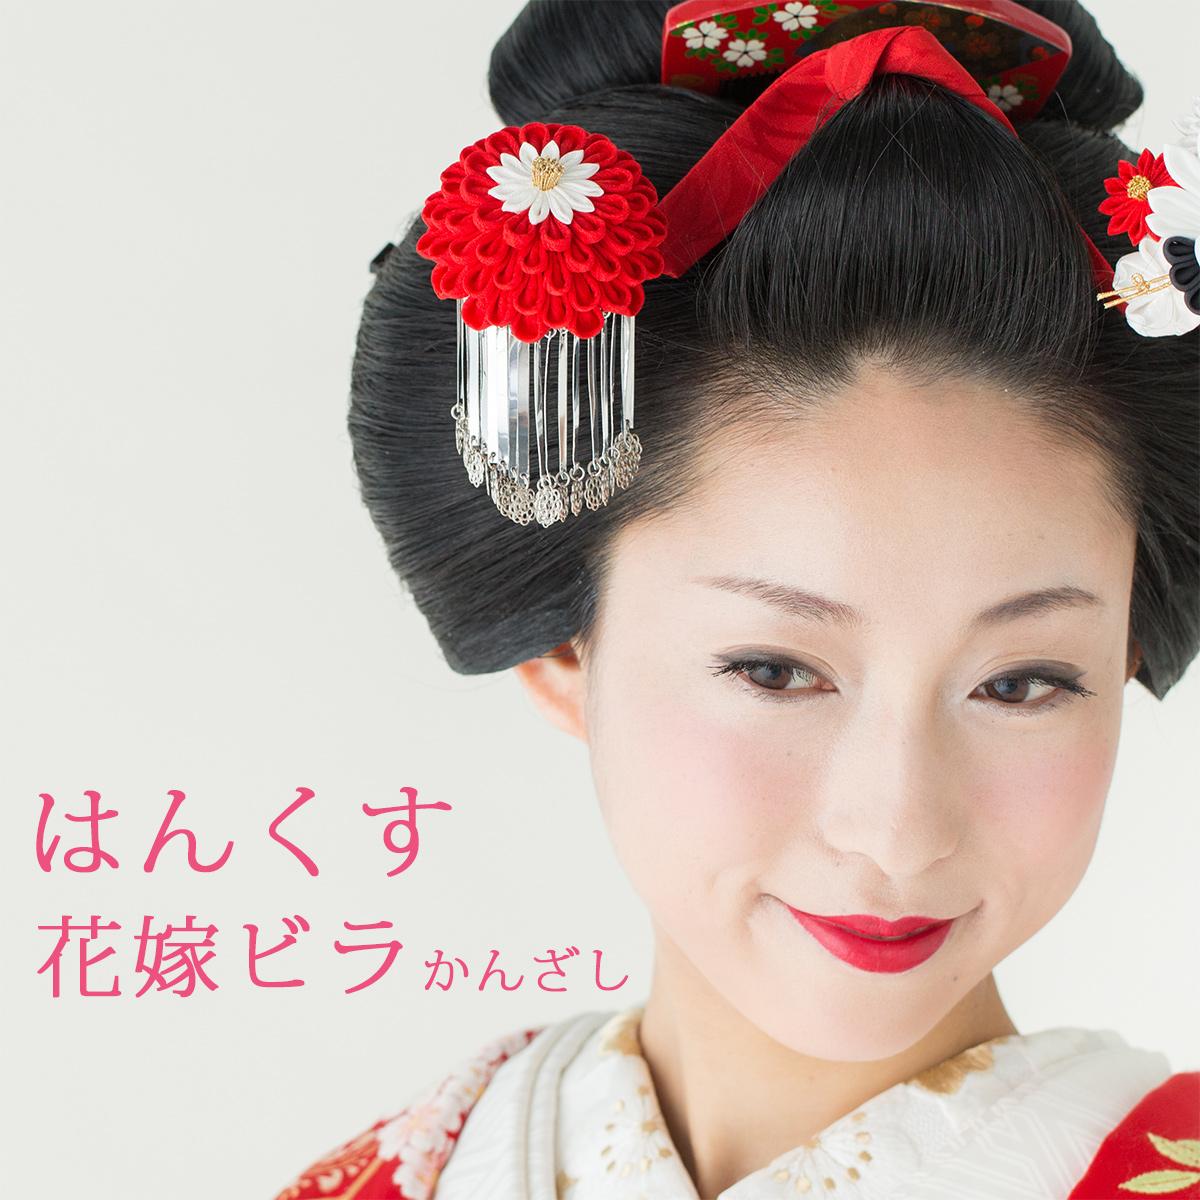 はんくす花嫁ビラかんざし【ブライダル】髪飾り 花嫁 つまみ細工 結婚式